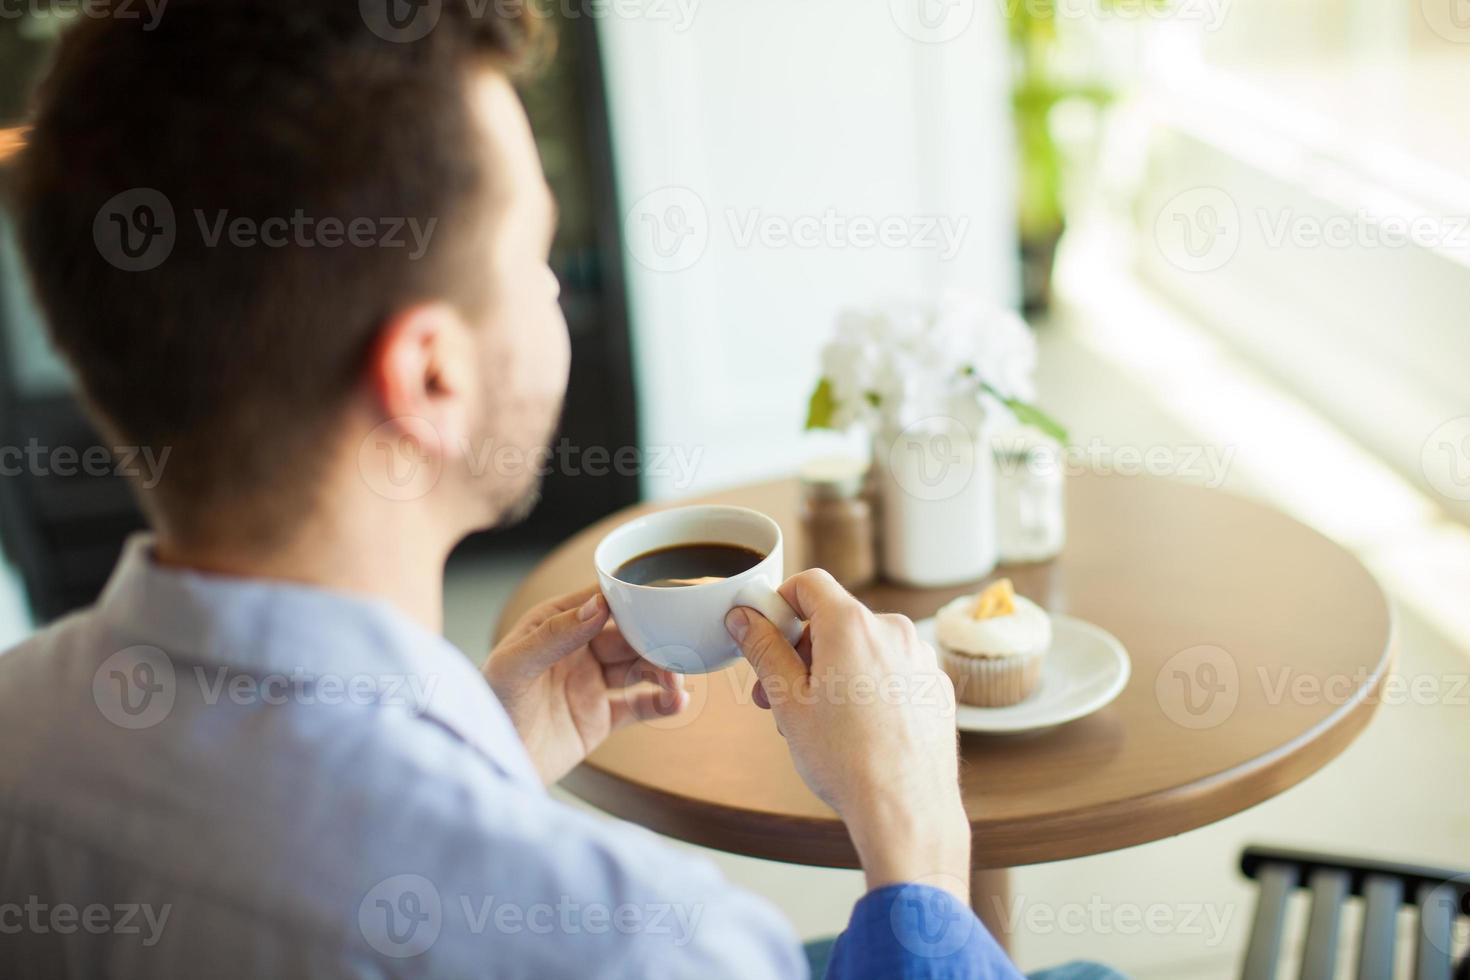 njuter av kaffe själv foto